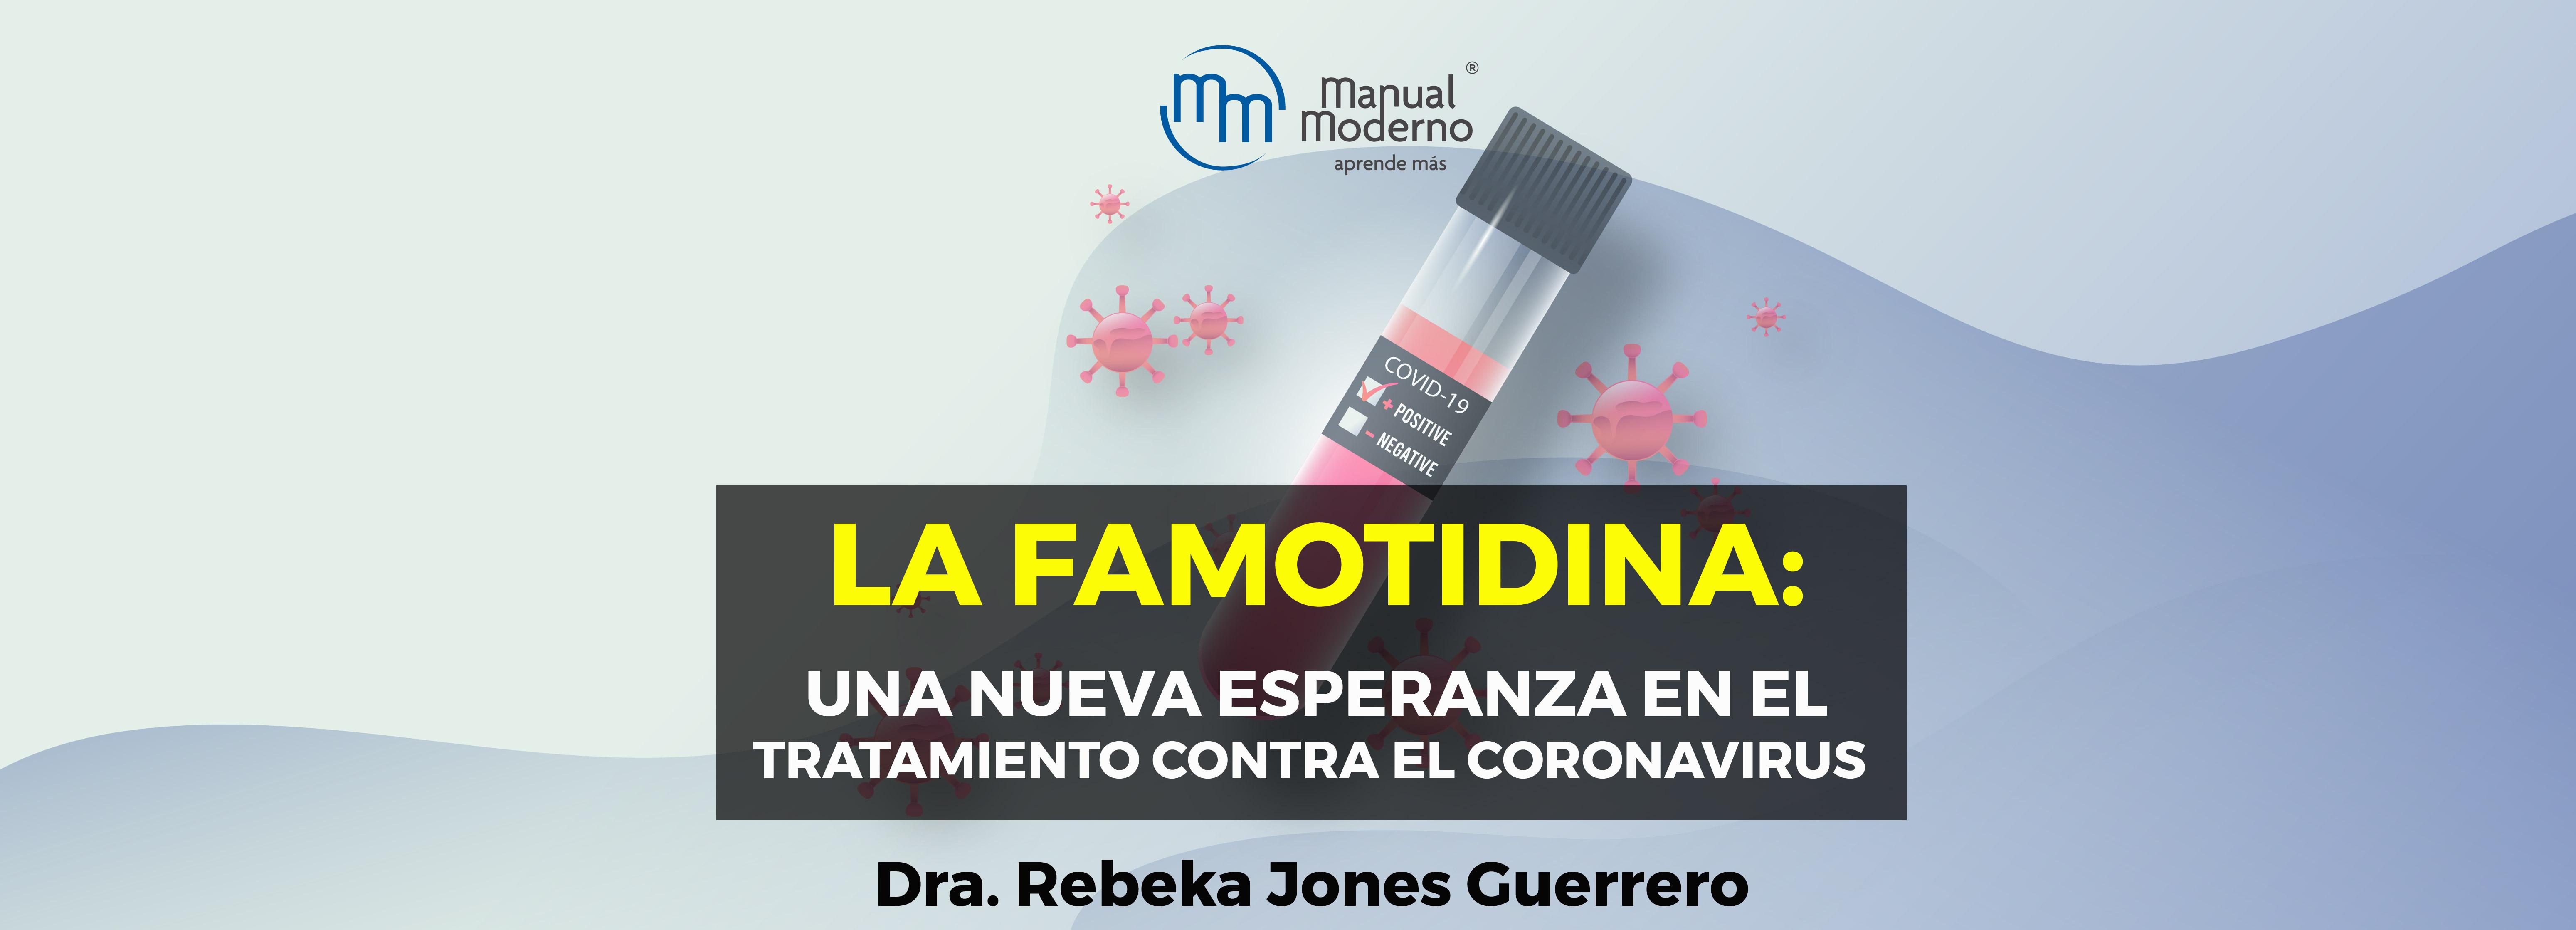 LA FAMOTIDINA: UNA NUEVA ESPERANZA EN EL TRATAMIENTO CONTRA EL CORONAVIRUS